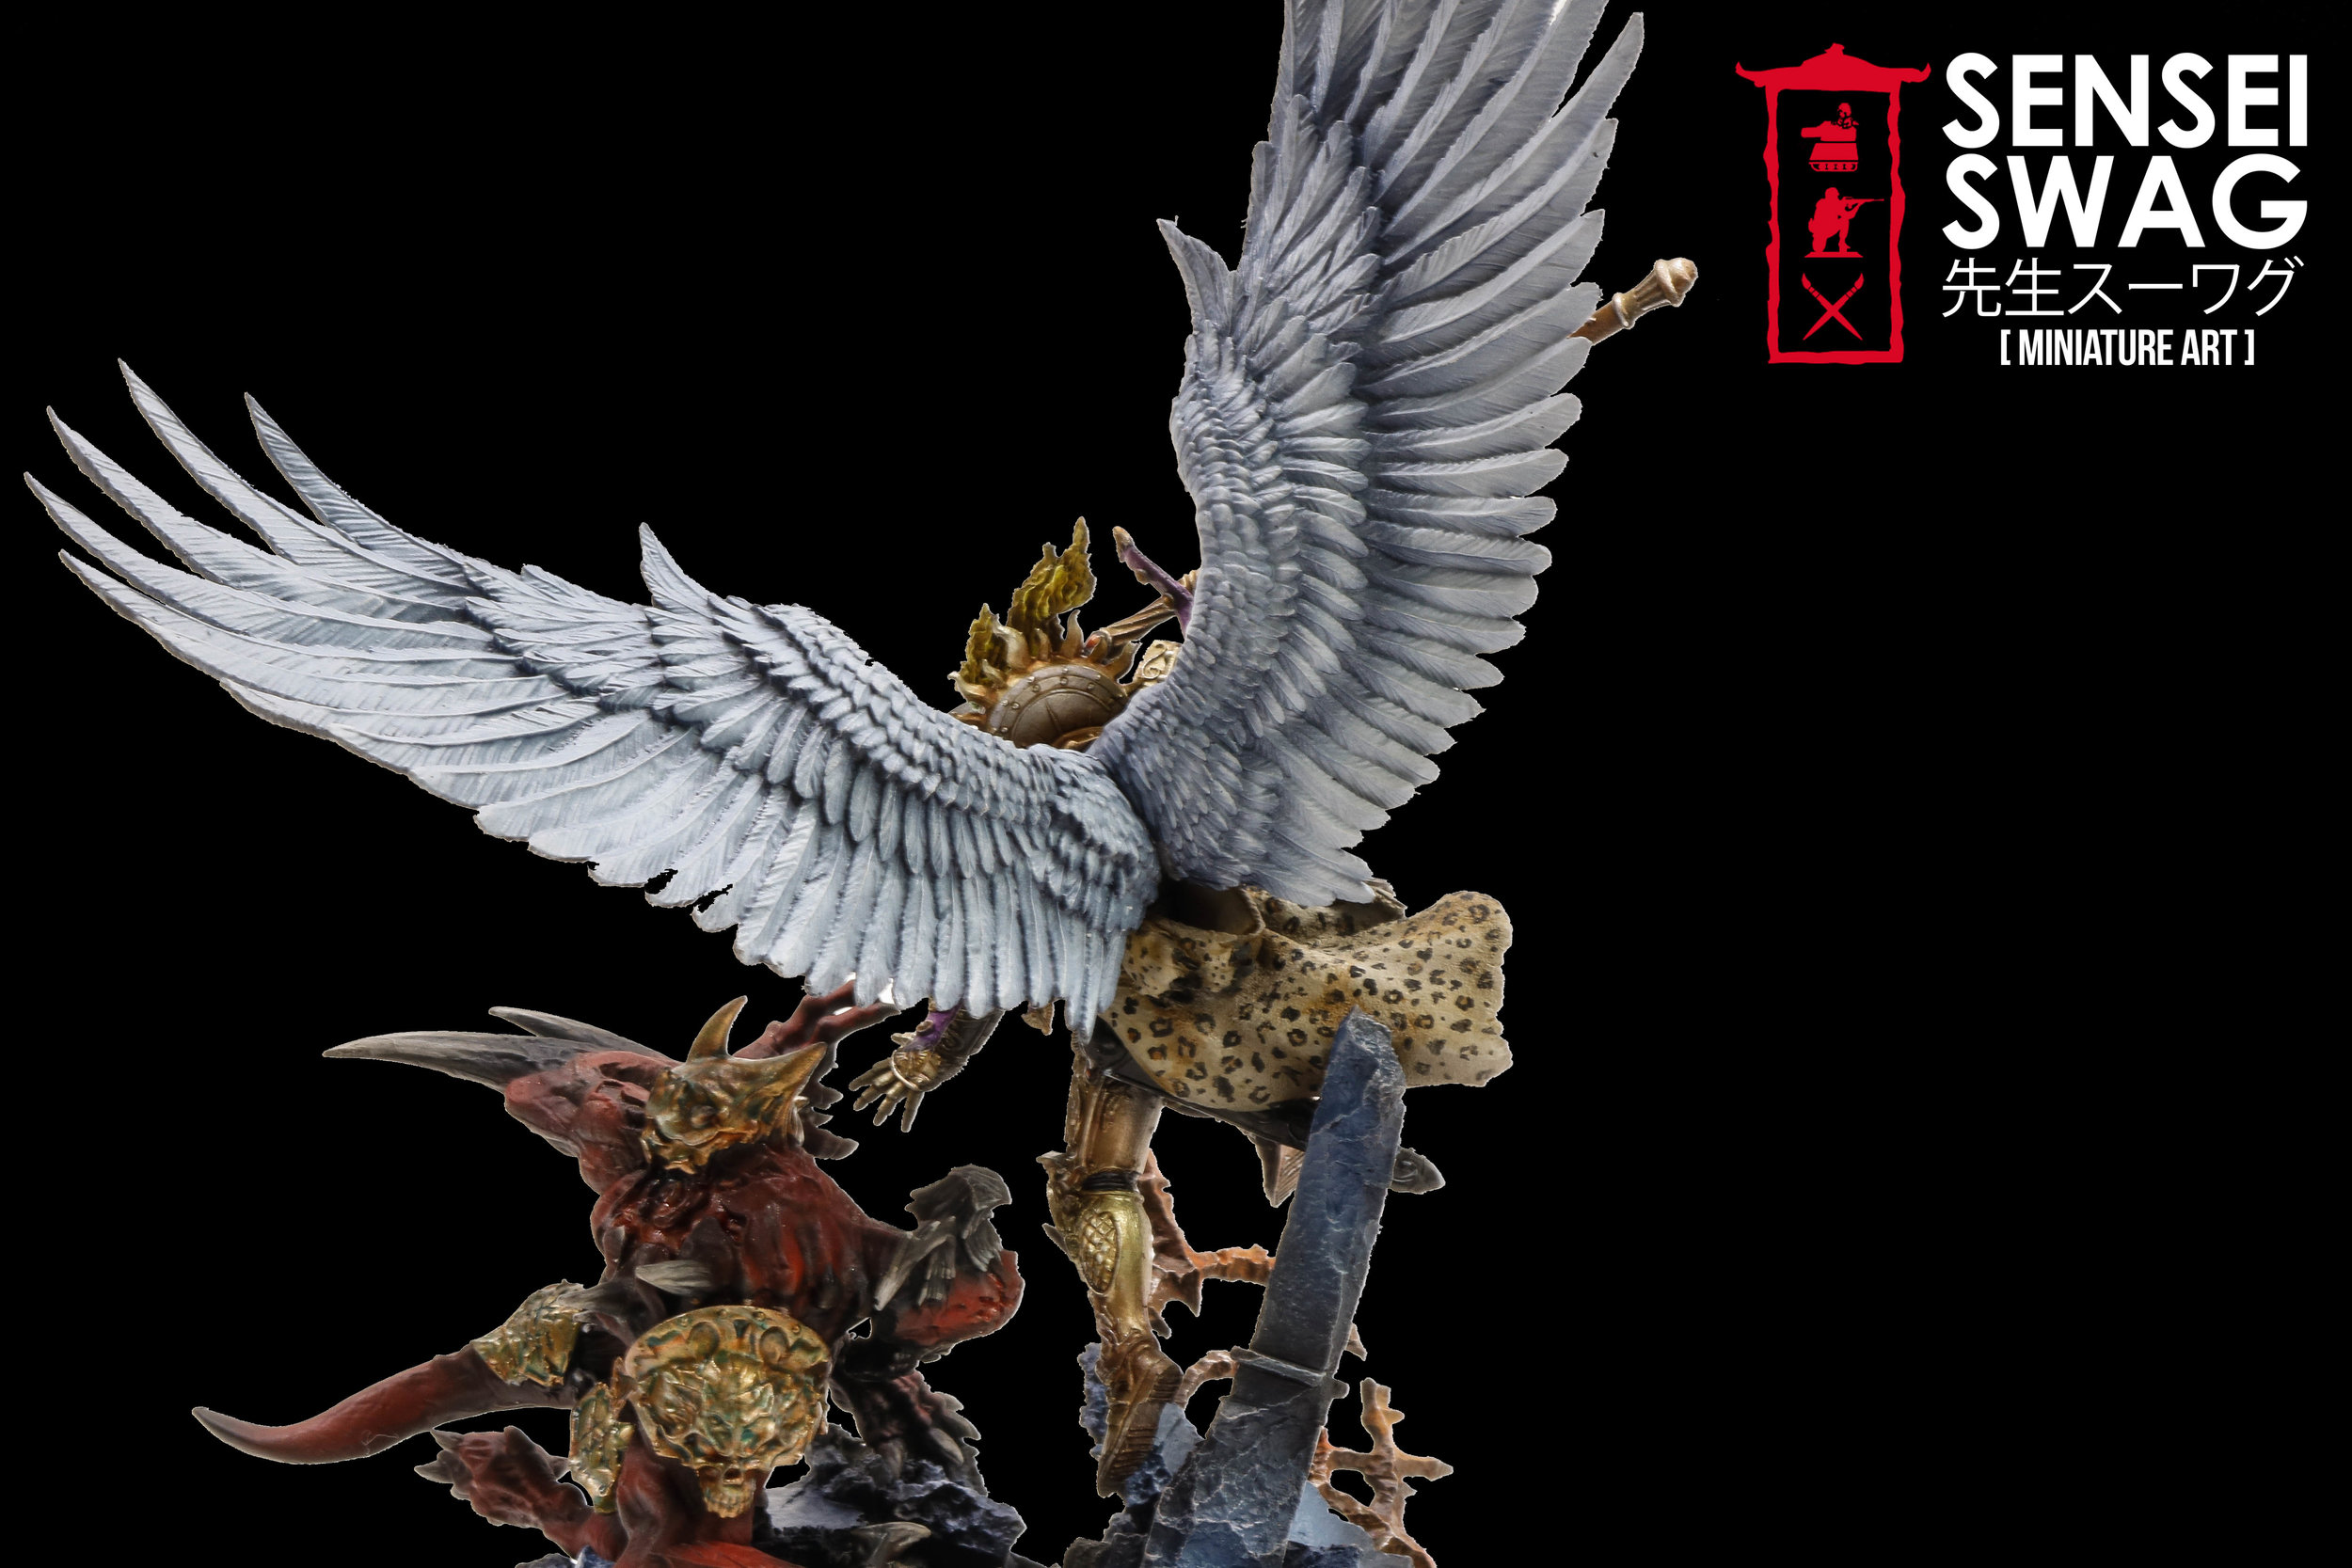 Sanguinius Forgeworld Primarch of the Blood Angels Legion Watermark-4.jpg